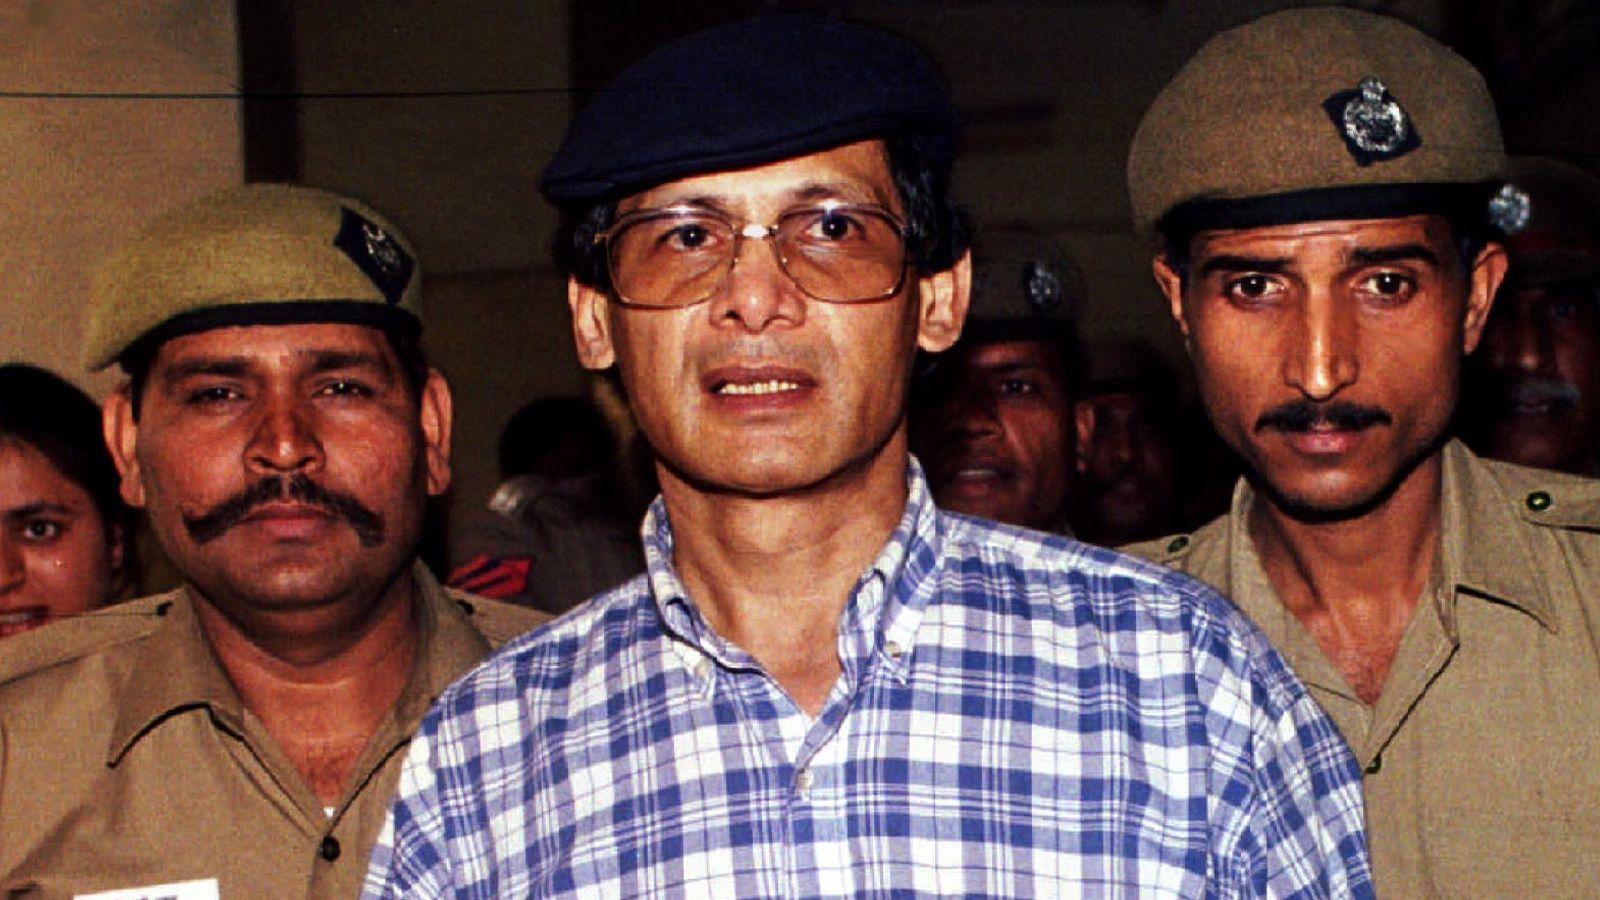 Charles Sobhraj while being in custody.